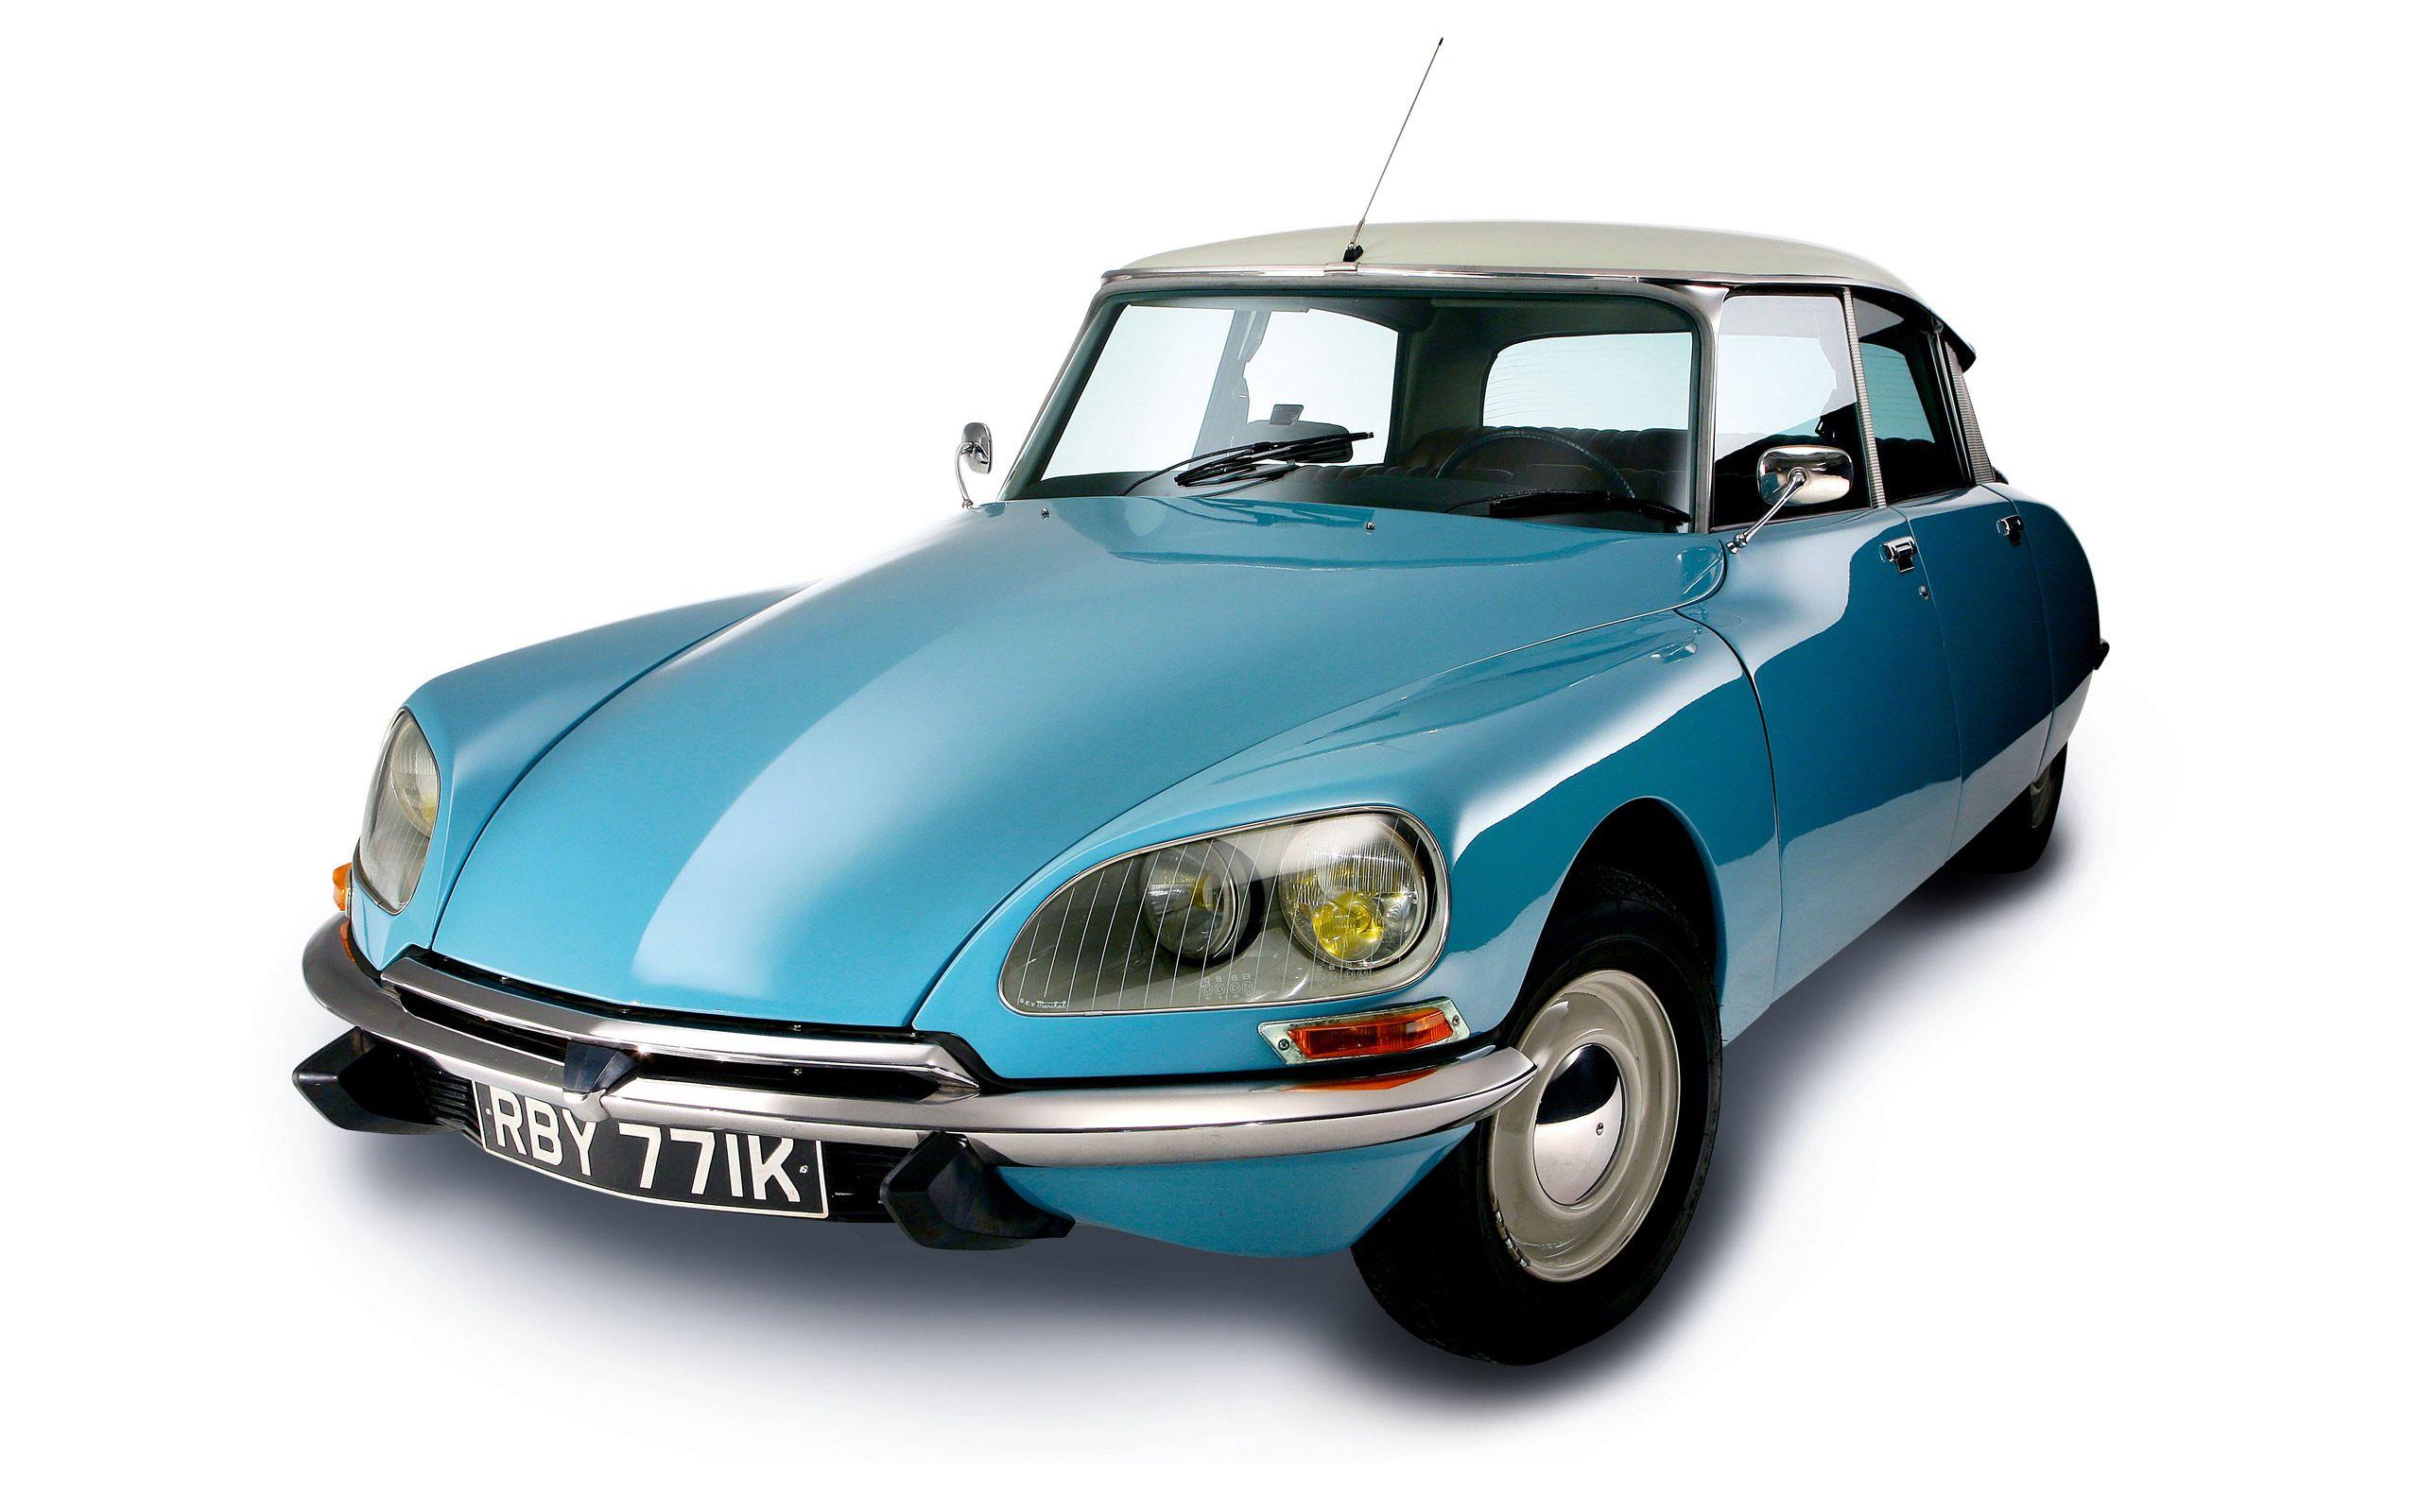 09b40a2619ee859a8b6fa9b0090a852a Terrific Ferrari Mondial Le Bon Coin Cars Trend